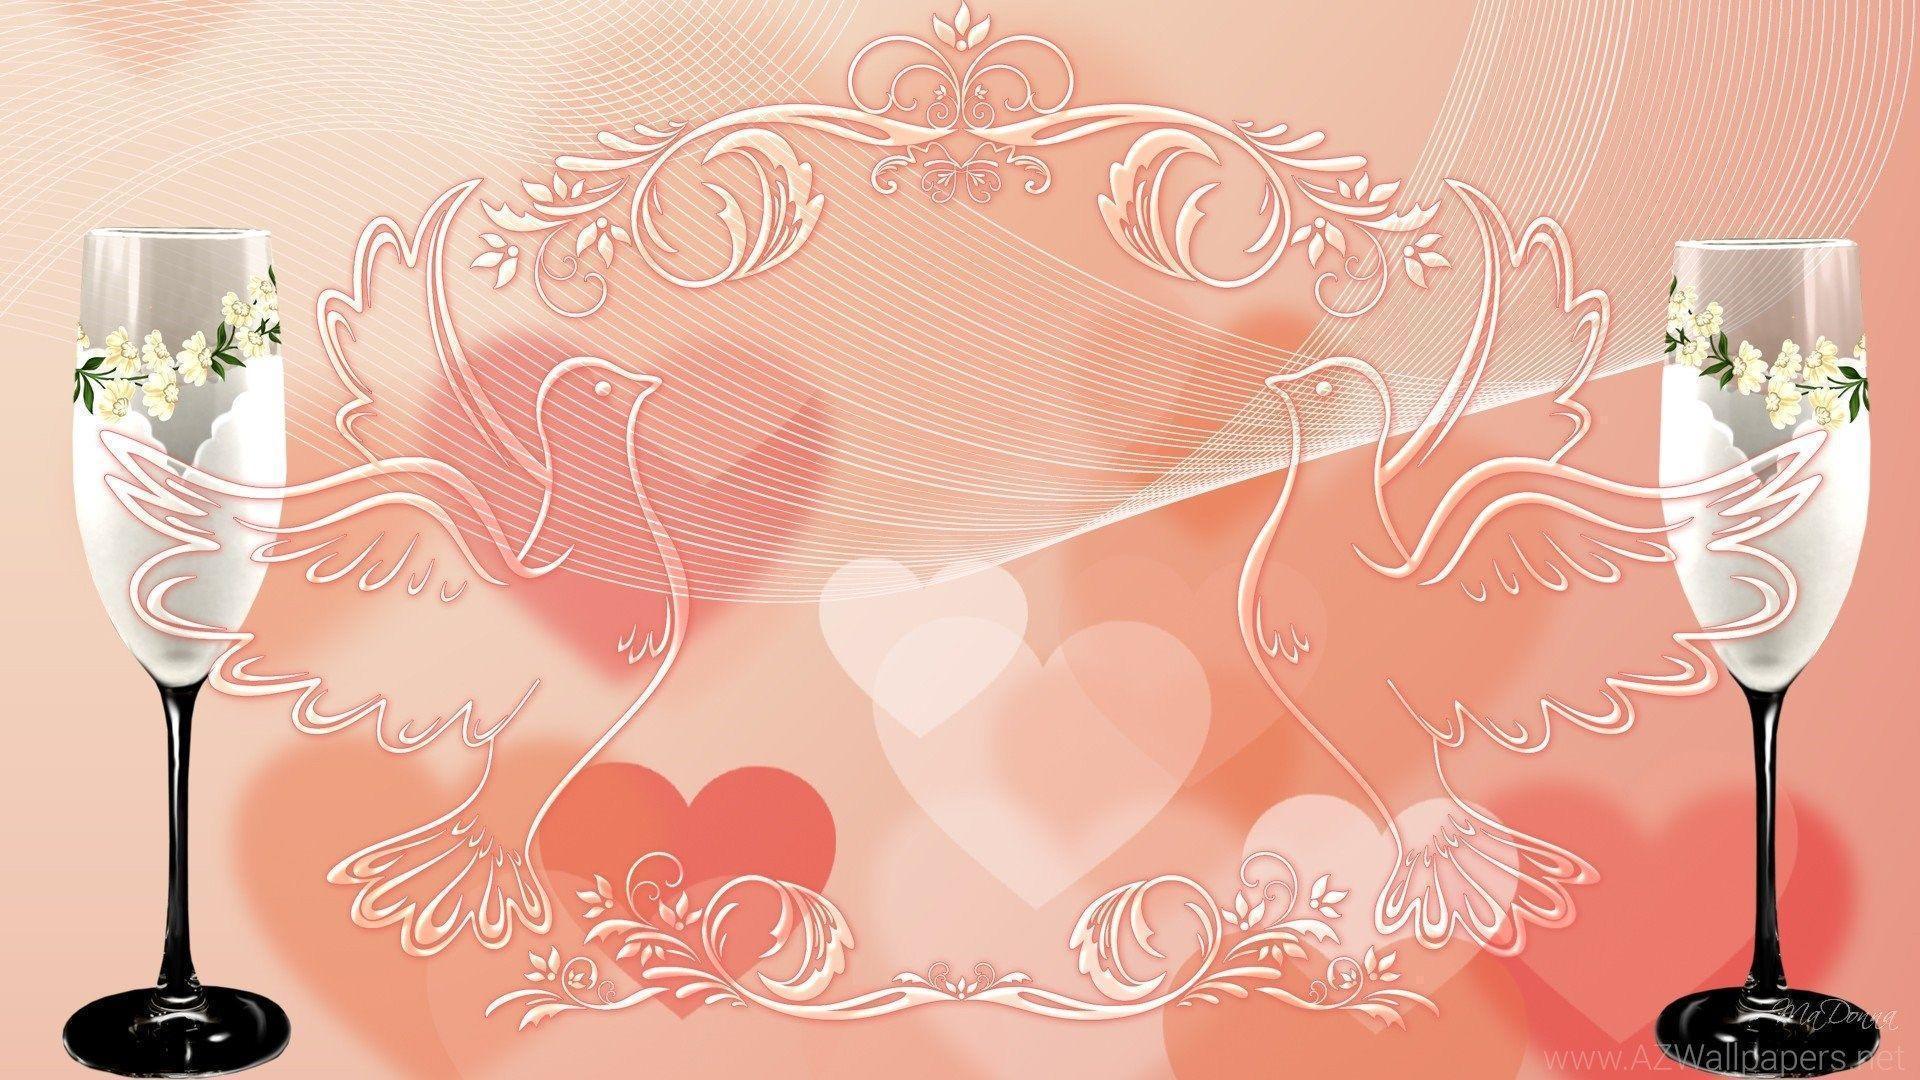 Фон для открытки бракосочетание